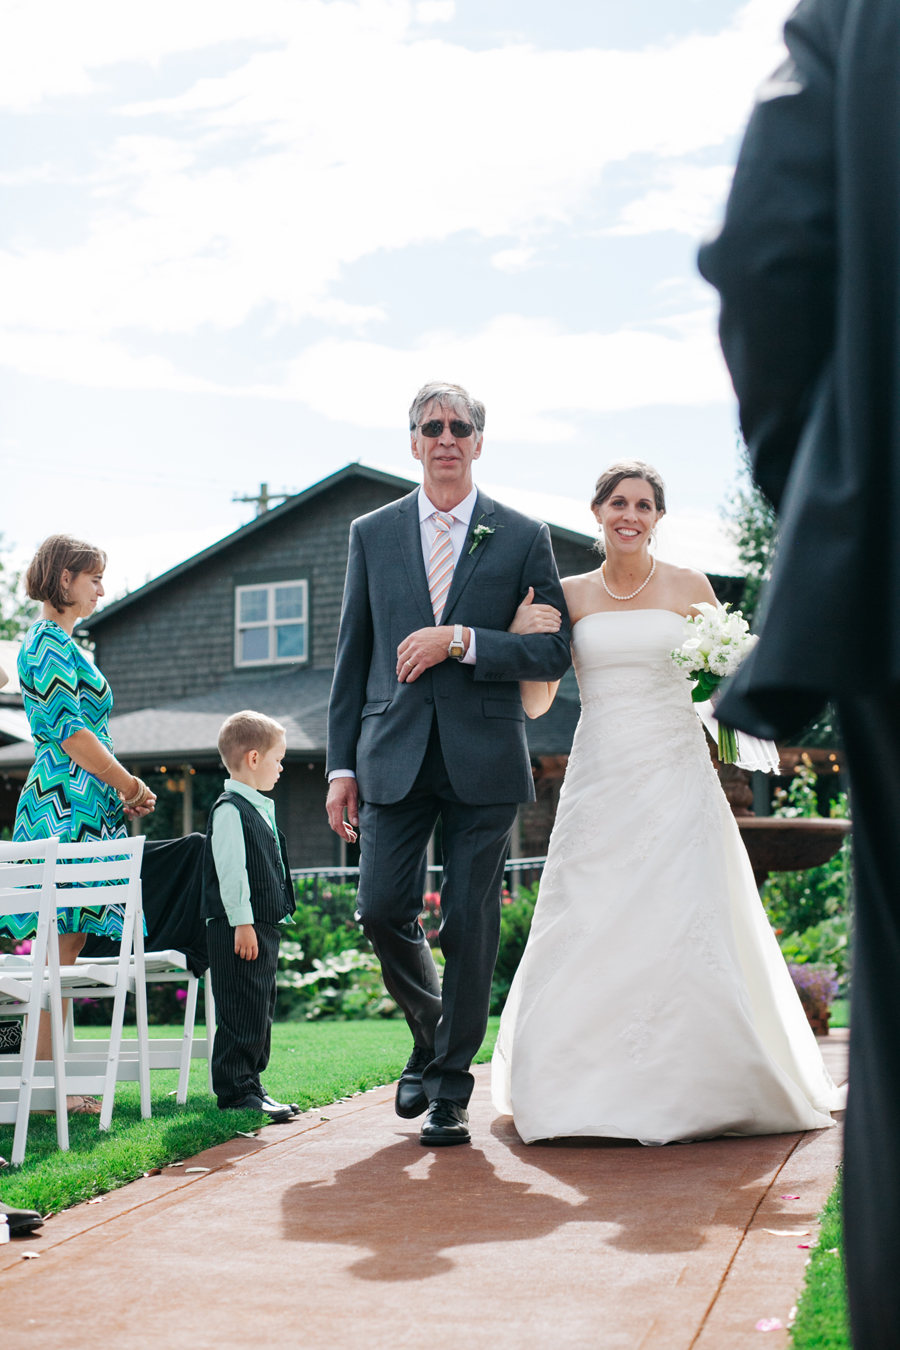 053-bellingham-wedding-photographer-katheryn-moran-photography-hidden-meadows.jpg